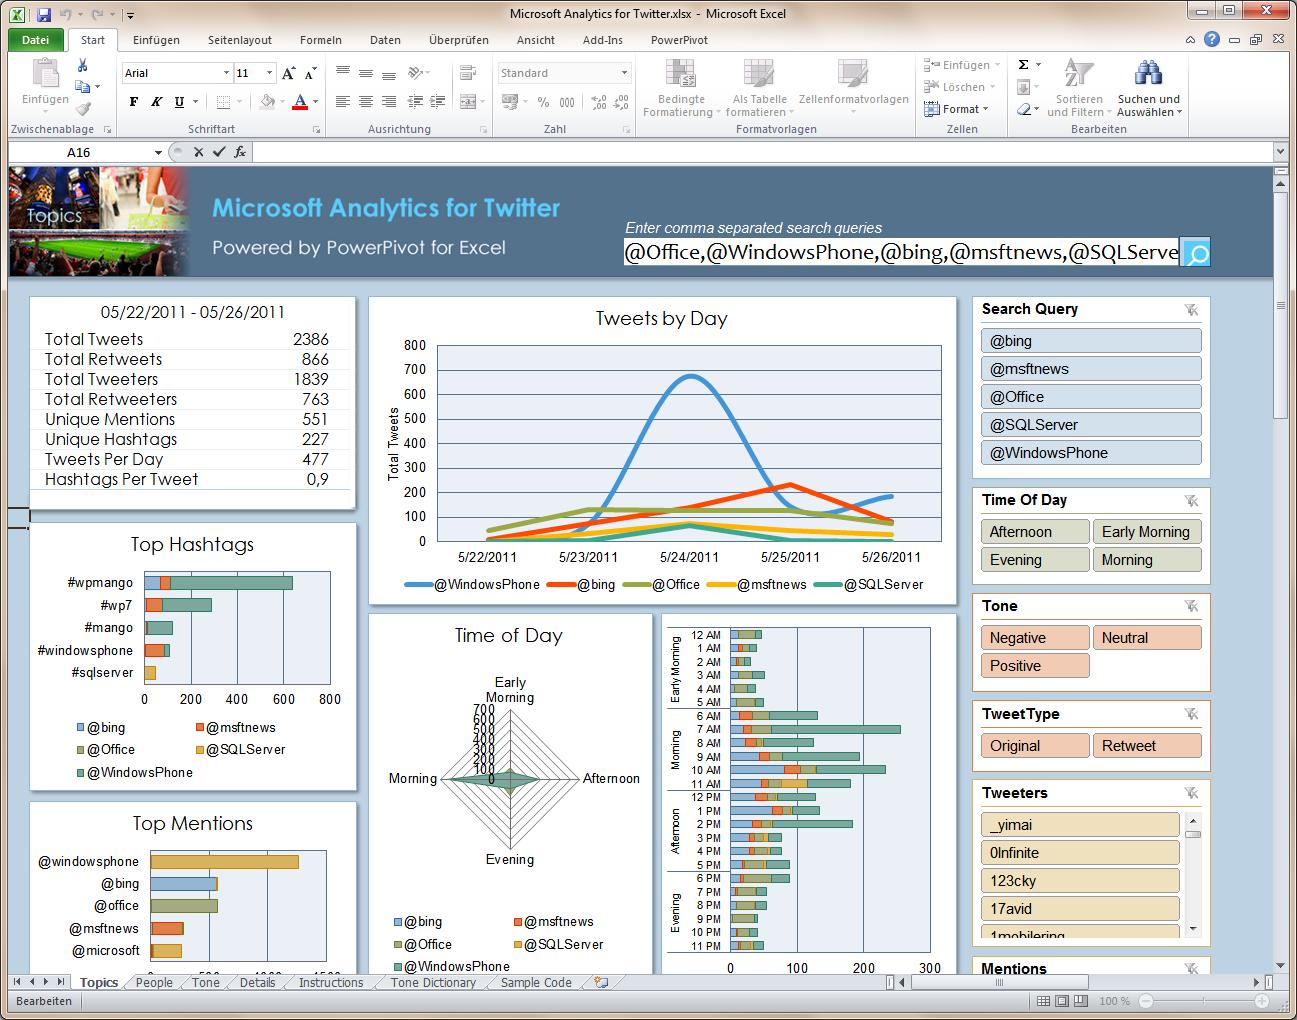 excel 2010 video dashboards | Microsoft Analytics für Twitter ...